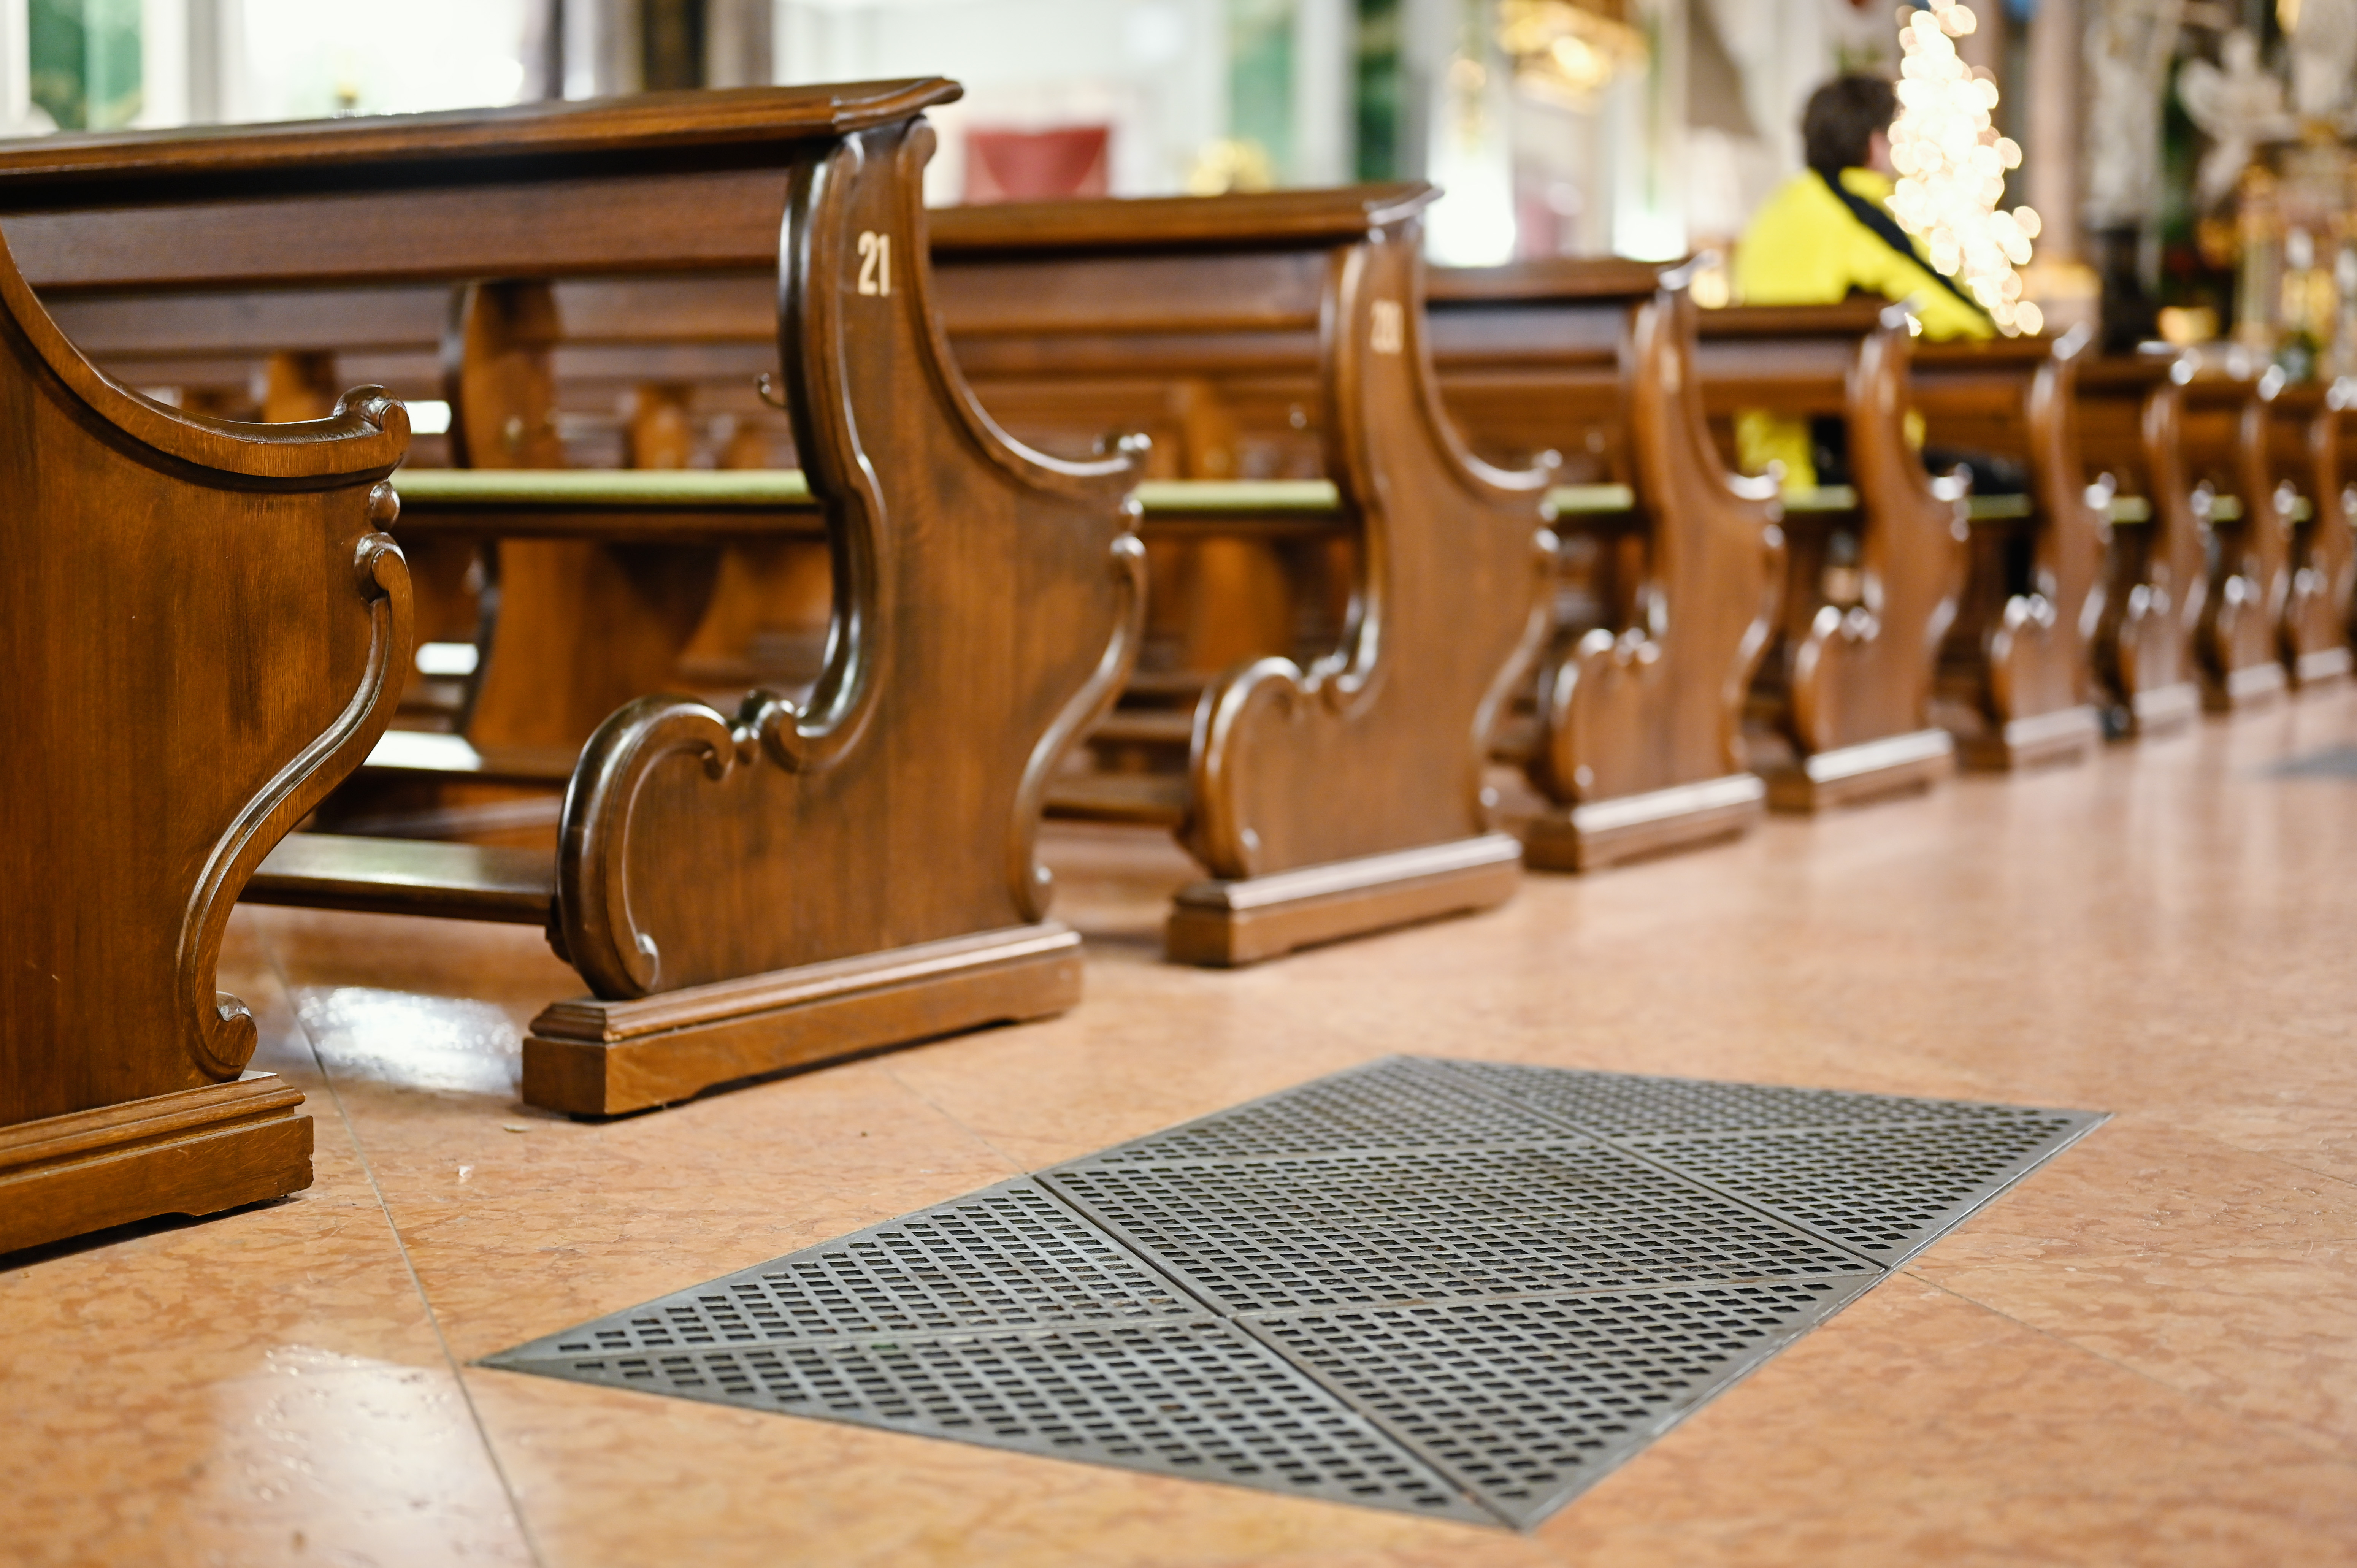 Bocsánatot kértek a spanyol jezsuiták az elmúlt száz év szexuális bántalmazásaiért